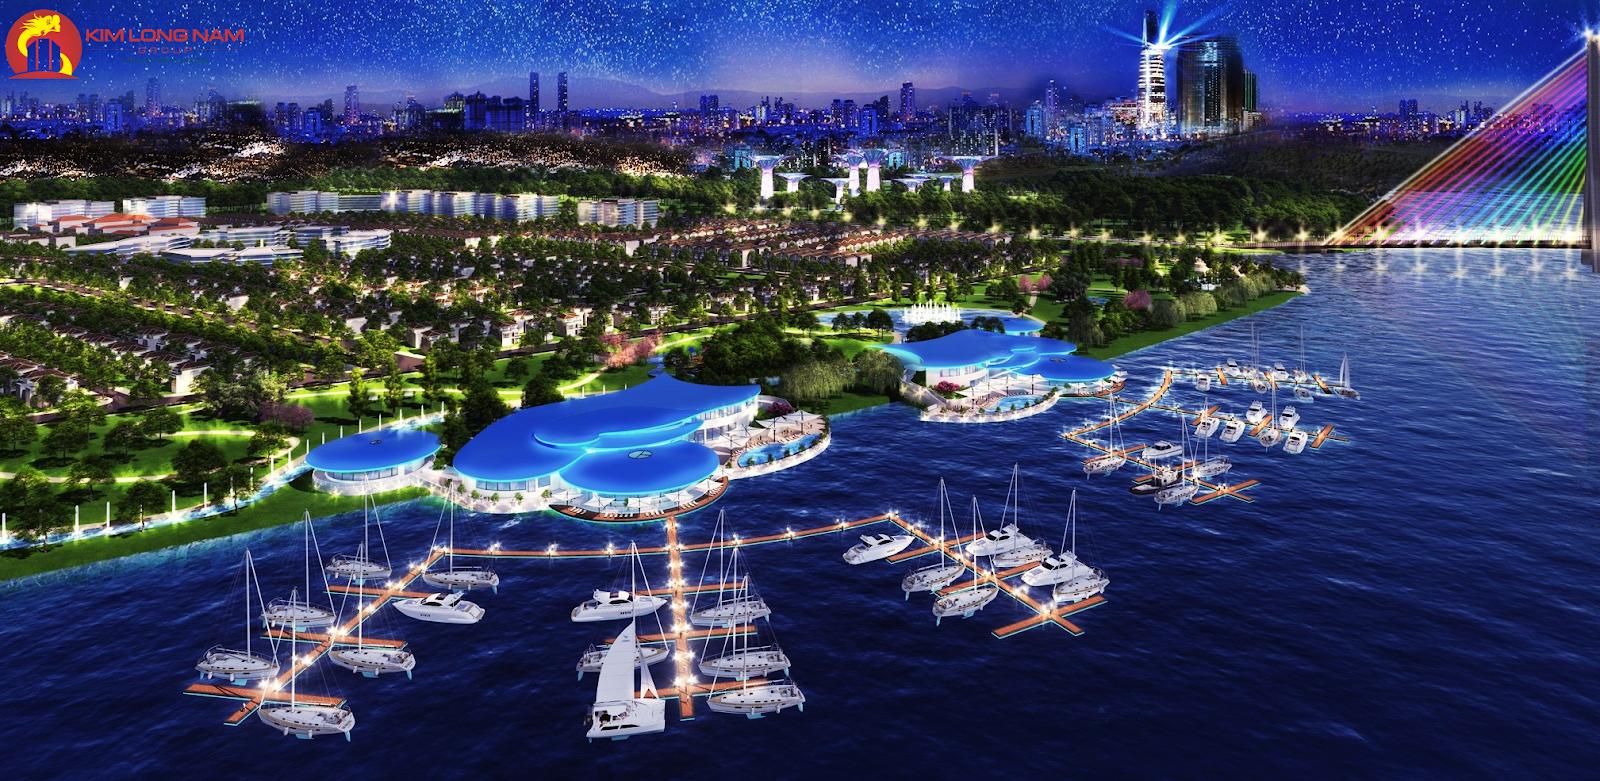 Kim Long Ocean Thuận Phước - Điểm nhấn kiến trúc của Đà Nẵng